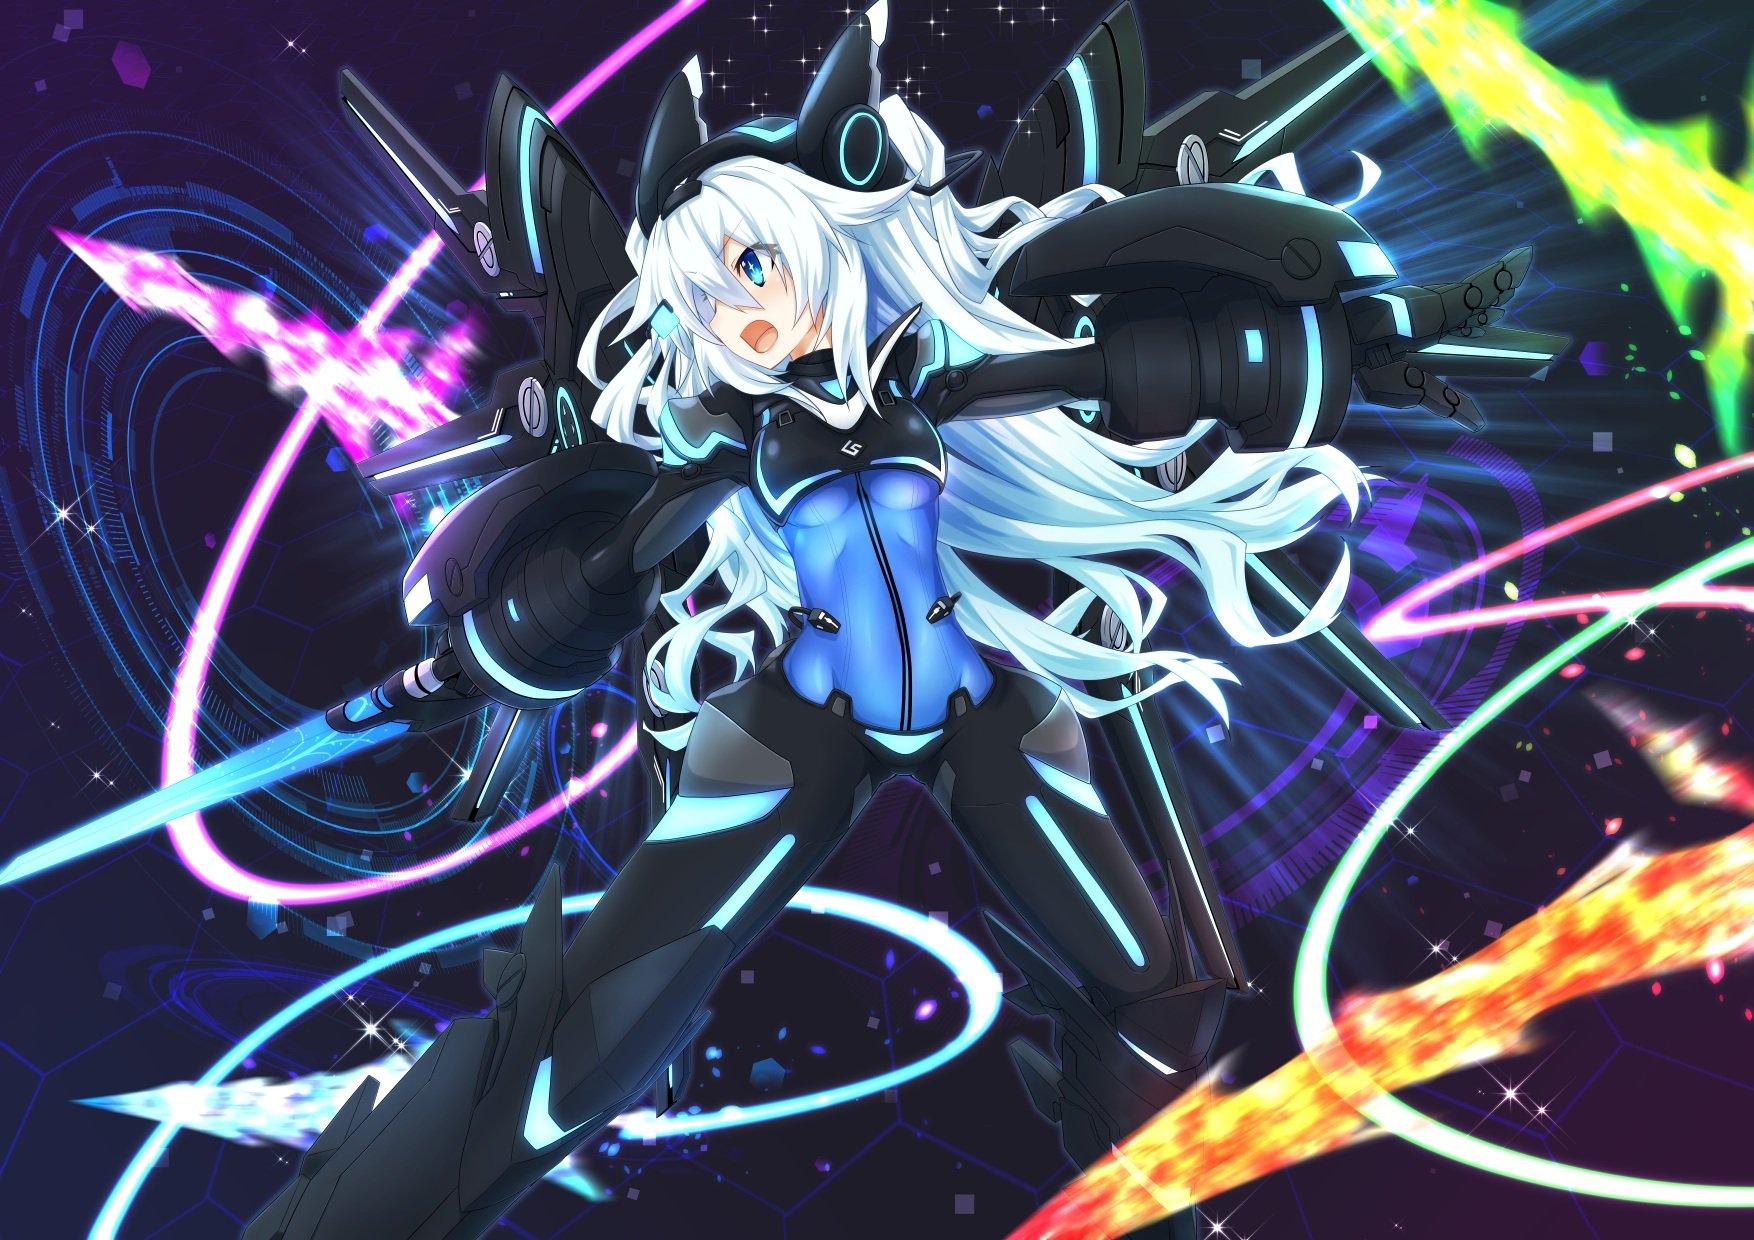 Armor Black Heart Blue Eyes Bodysuit Hyperdimension Neptunia Long